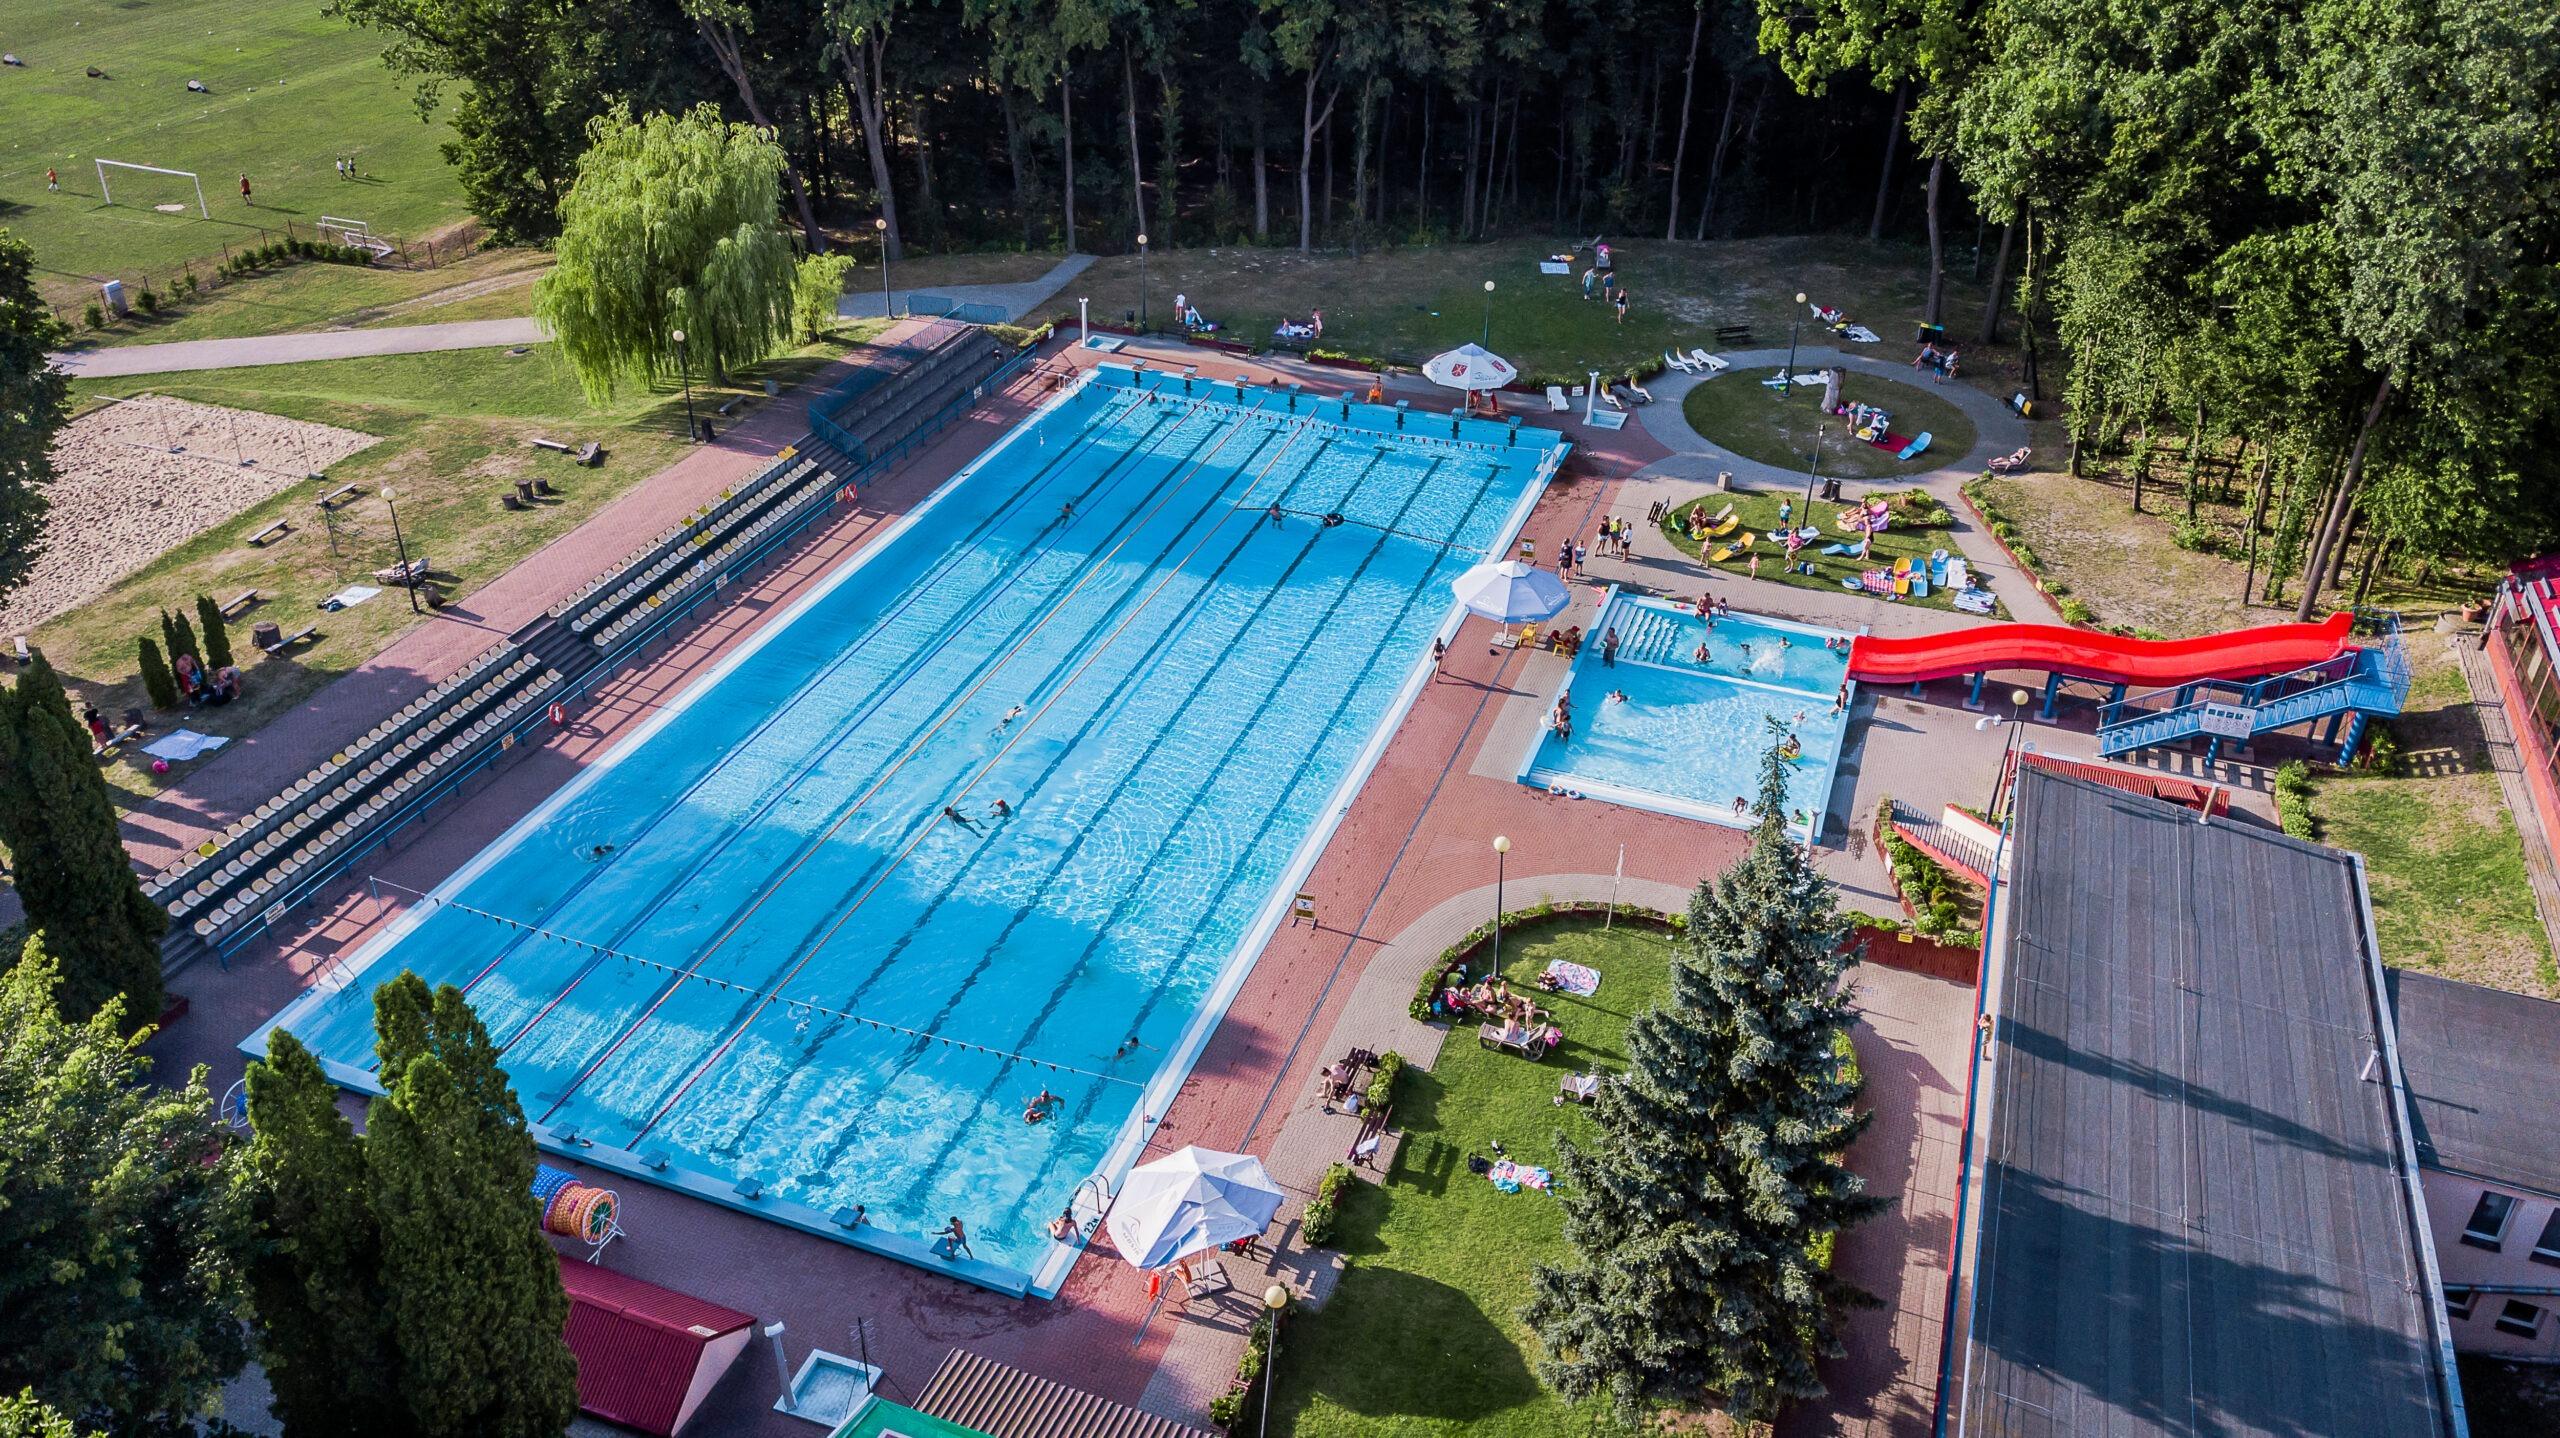 Zdjęcie przedstawia basen odkryty, brodzik oraz zjeżdzalnię Miejskiego Ośrodku Sportu i Rekreacji